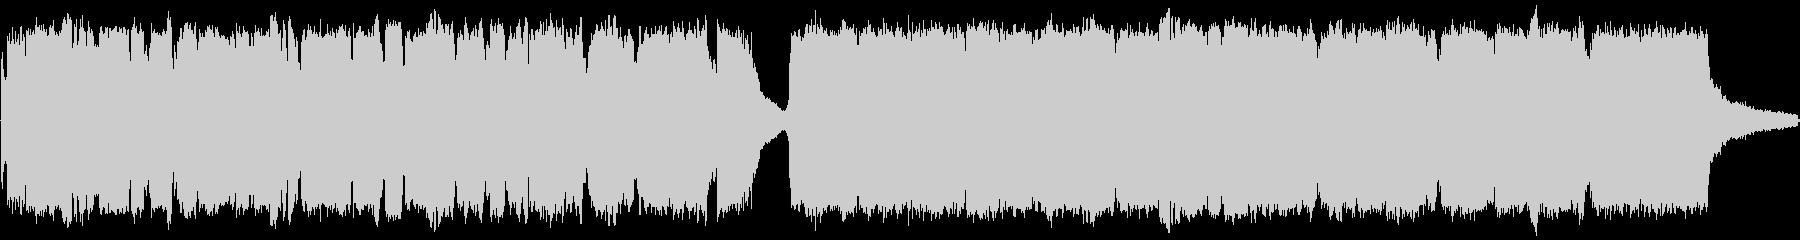 和風で格式高いBGMの未再生の波形